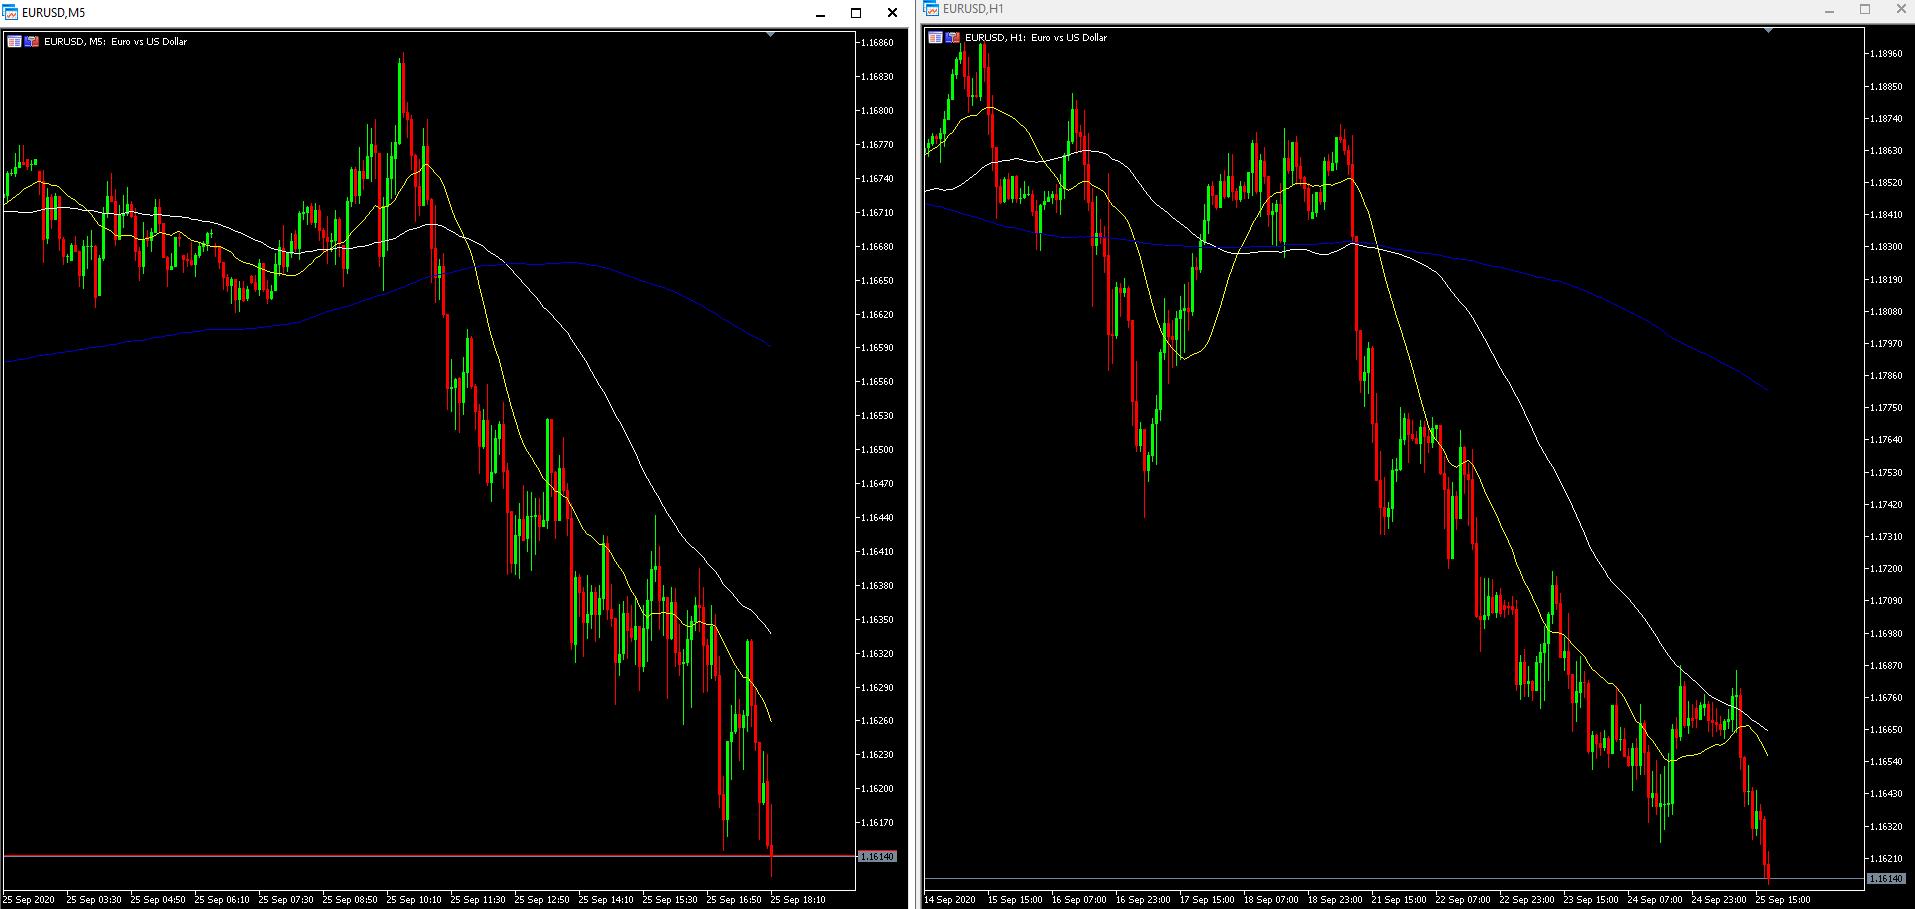 EURUSD im 5 Minuten und 1 Stunden Chart